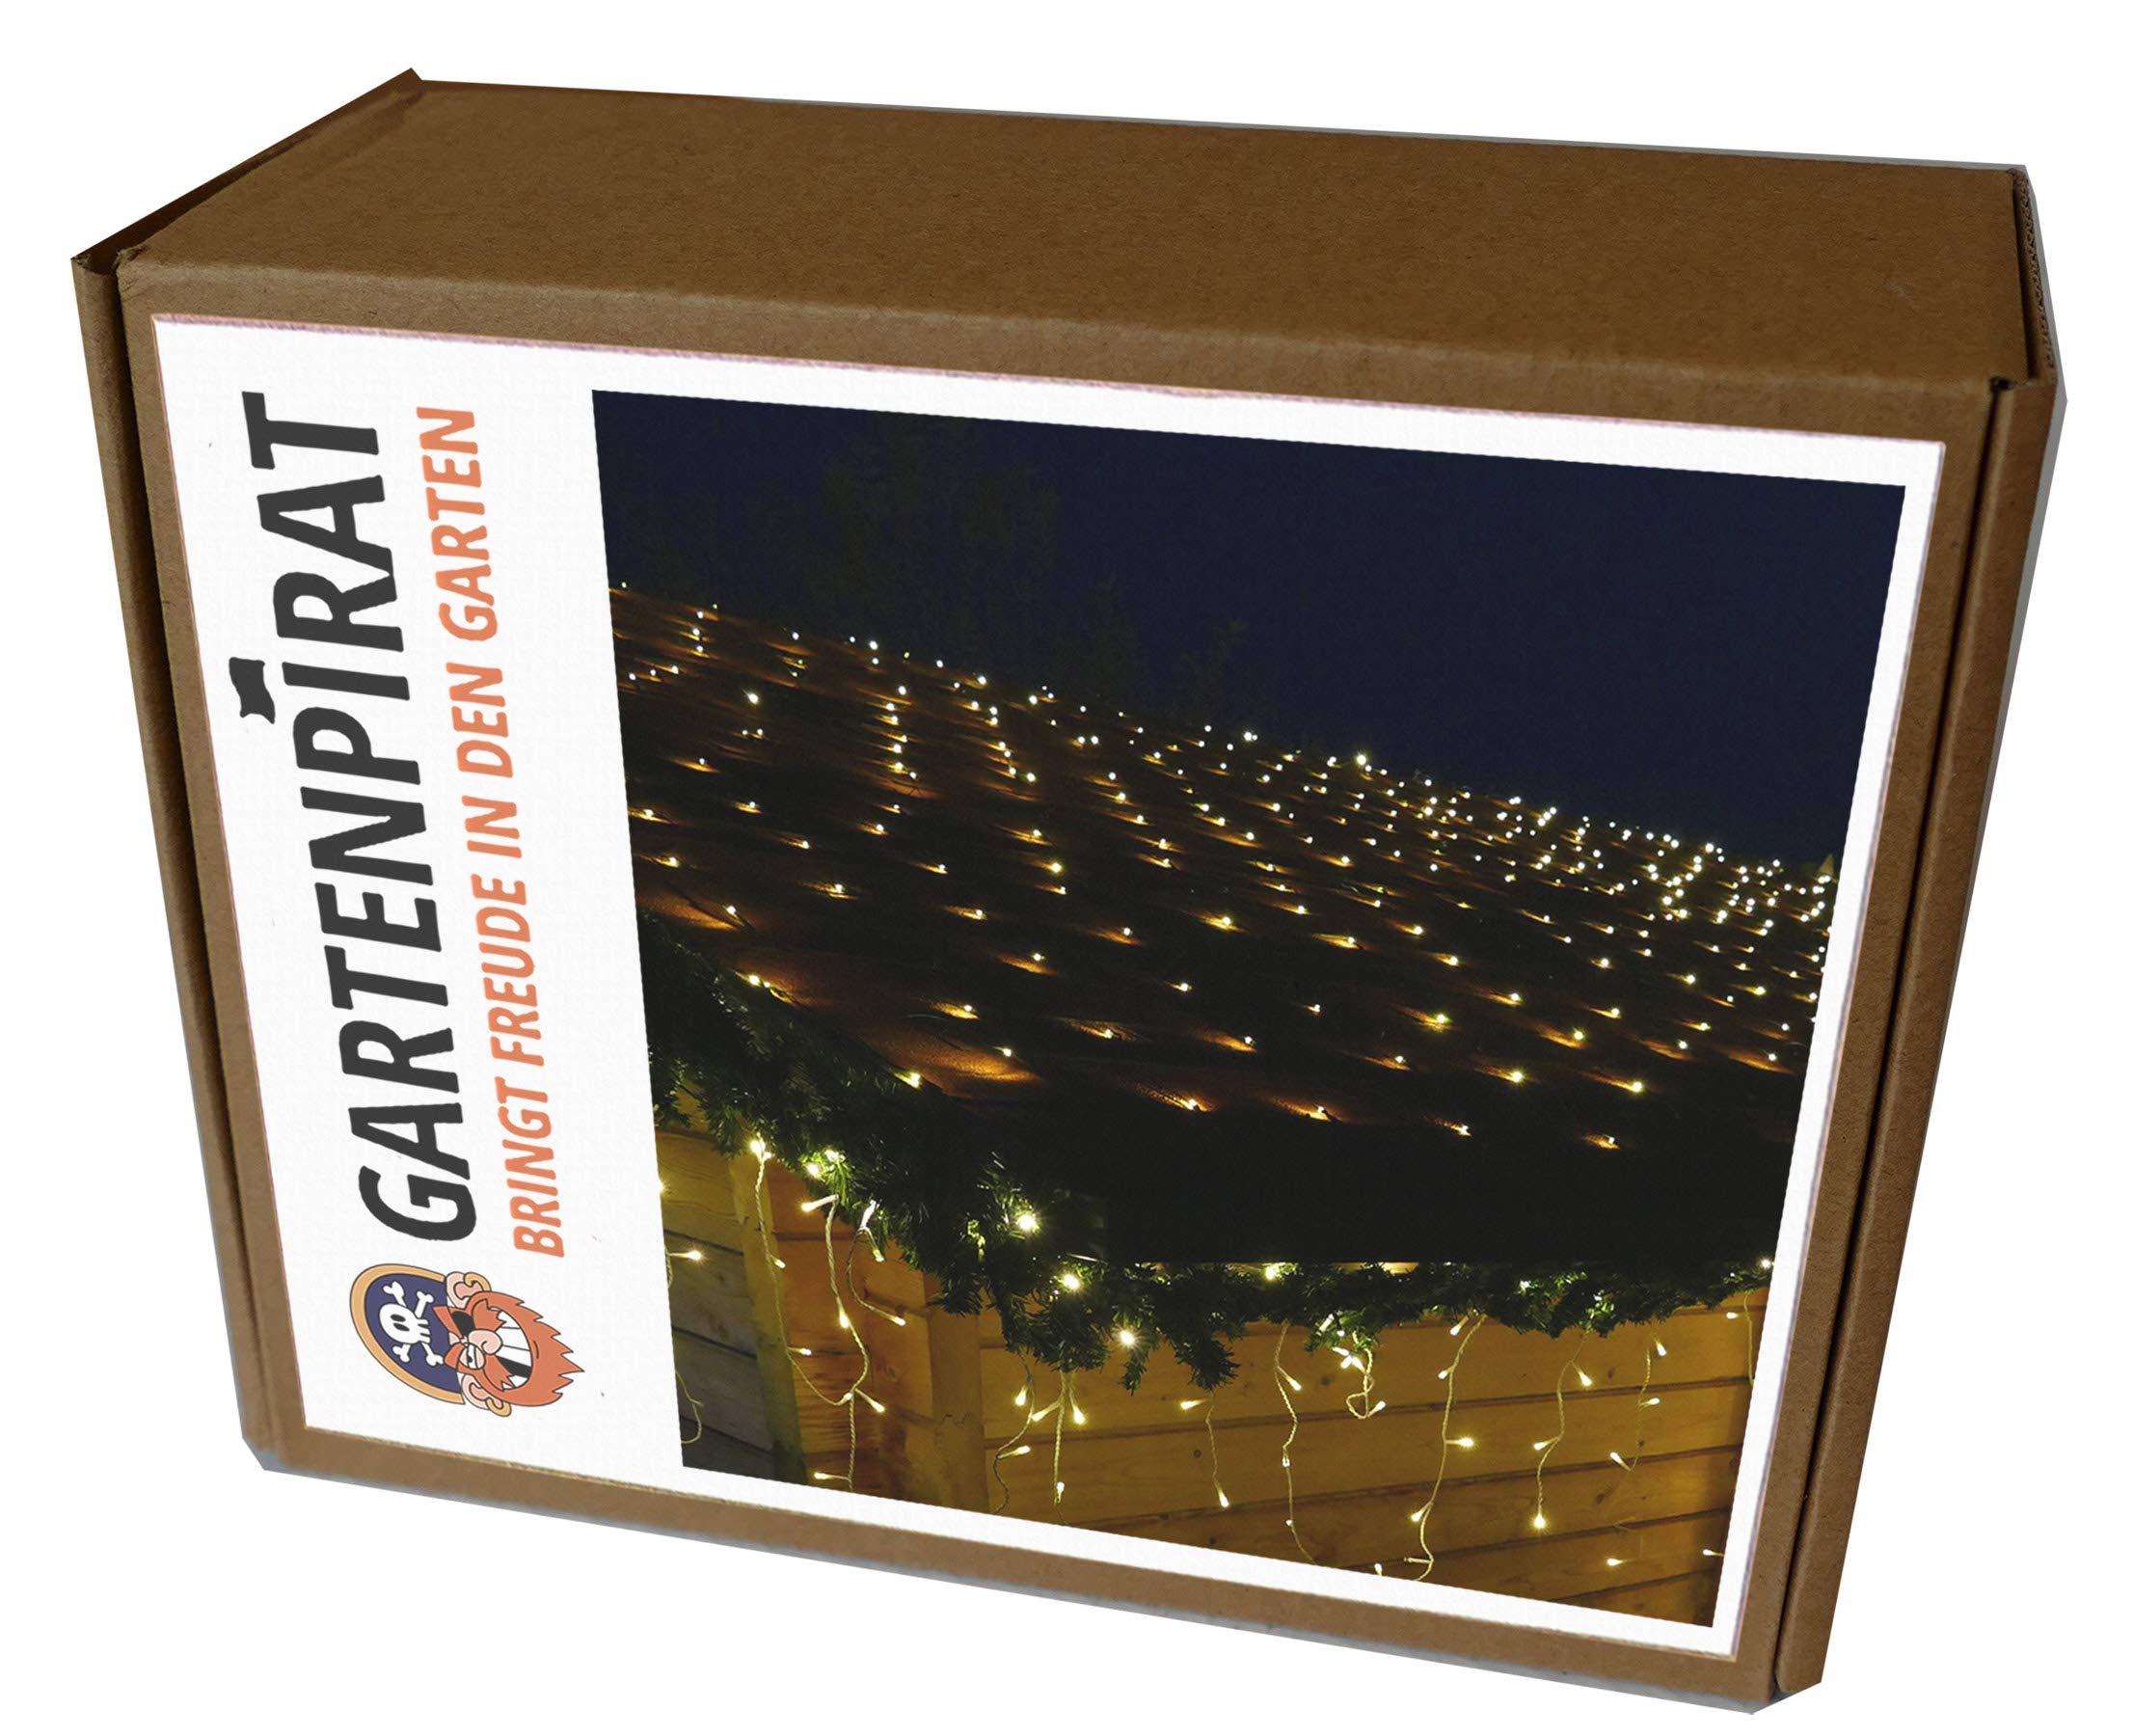 LED-Lichternetz-2x2m-160-LED-Lichterkette-Netz-2-x-2-m-warmwei-Kabel-grn-innen-auen